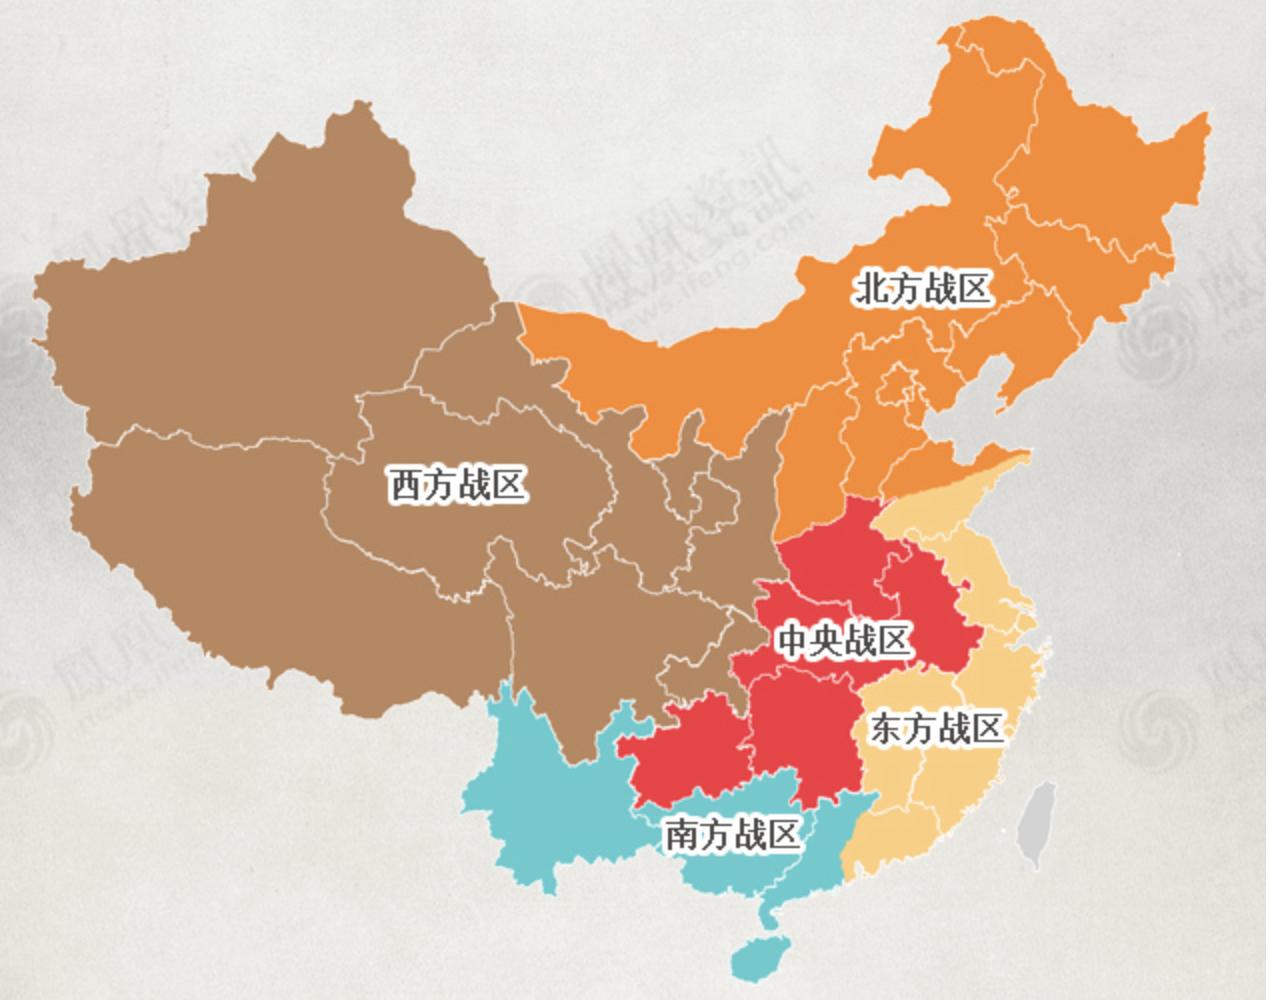 五大戰區分佈圖。